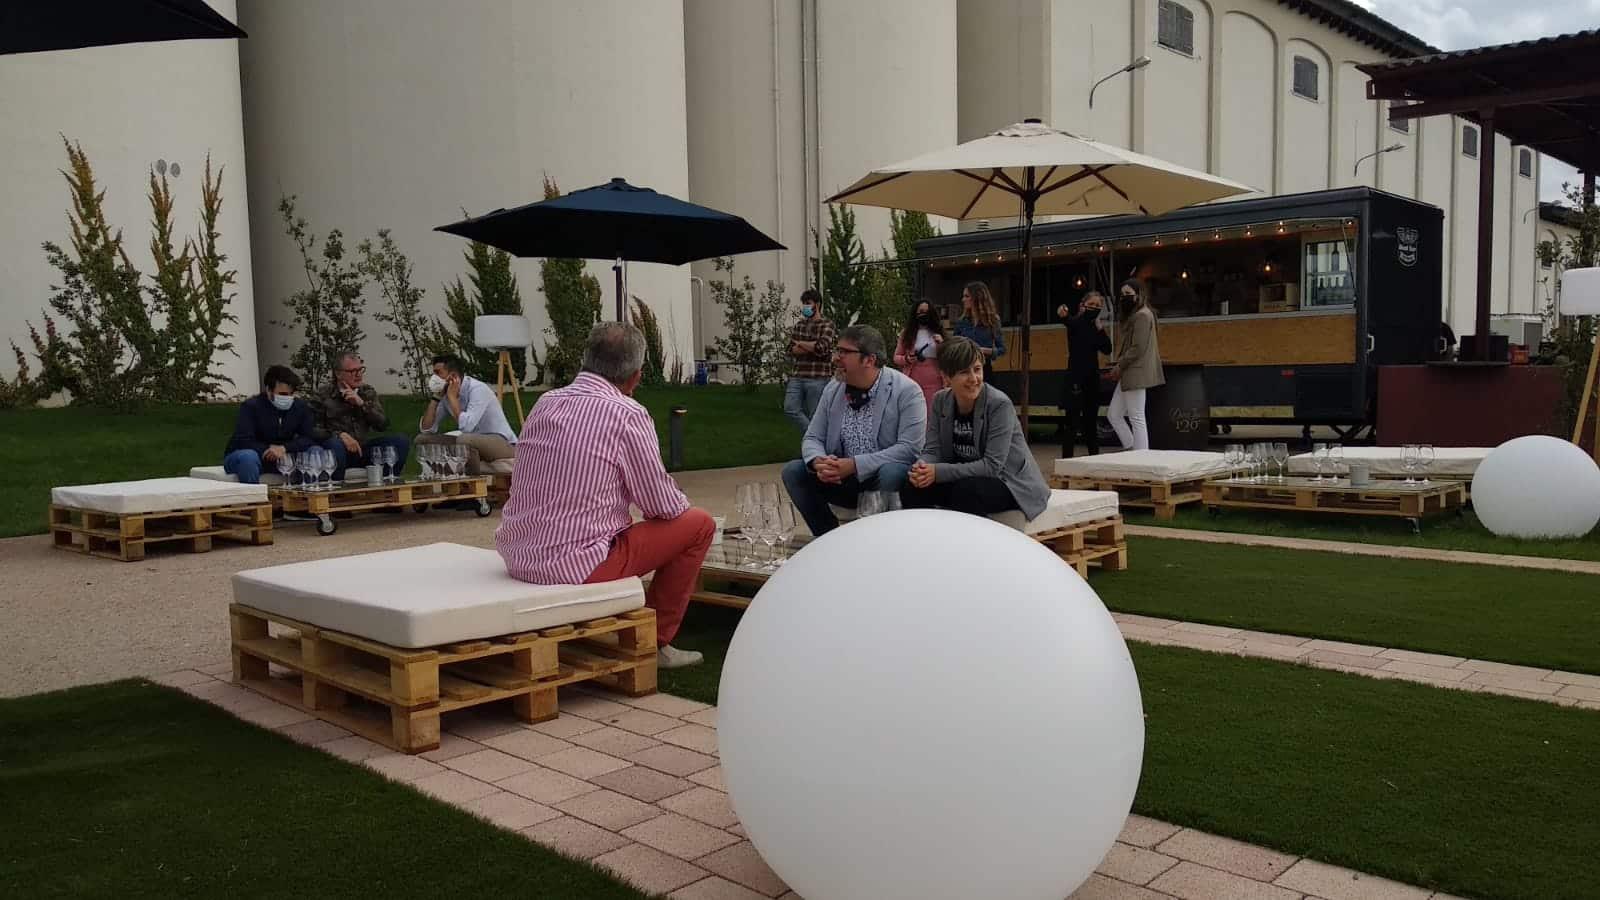 Bodegas Corral lanza su nueva oferta enoturística: terraza con vistas al viñedo y un depósito convertido en sala de catas 4